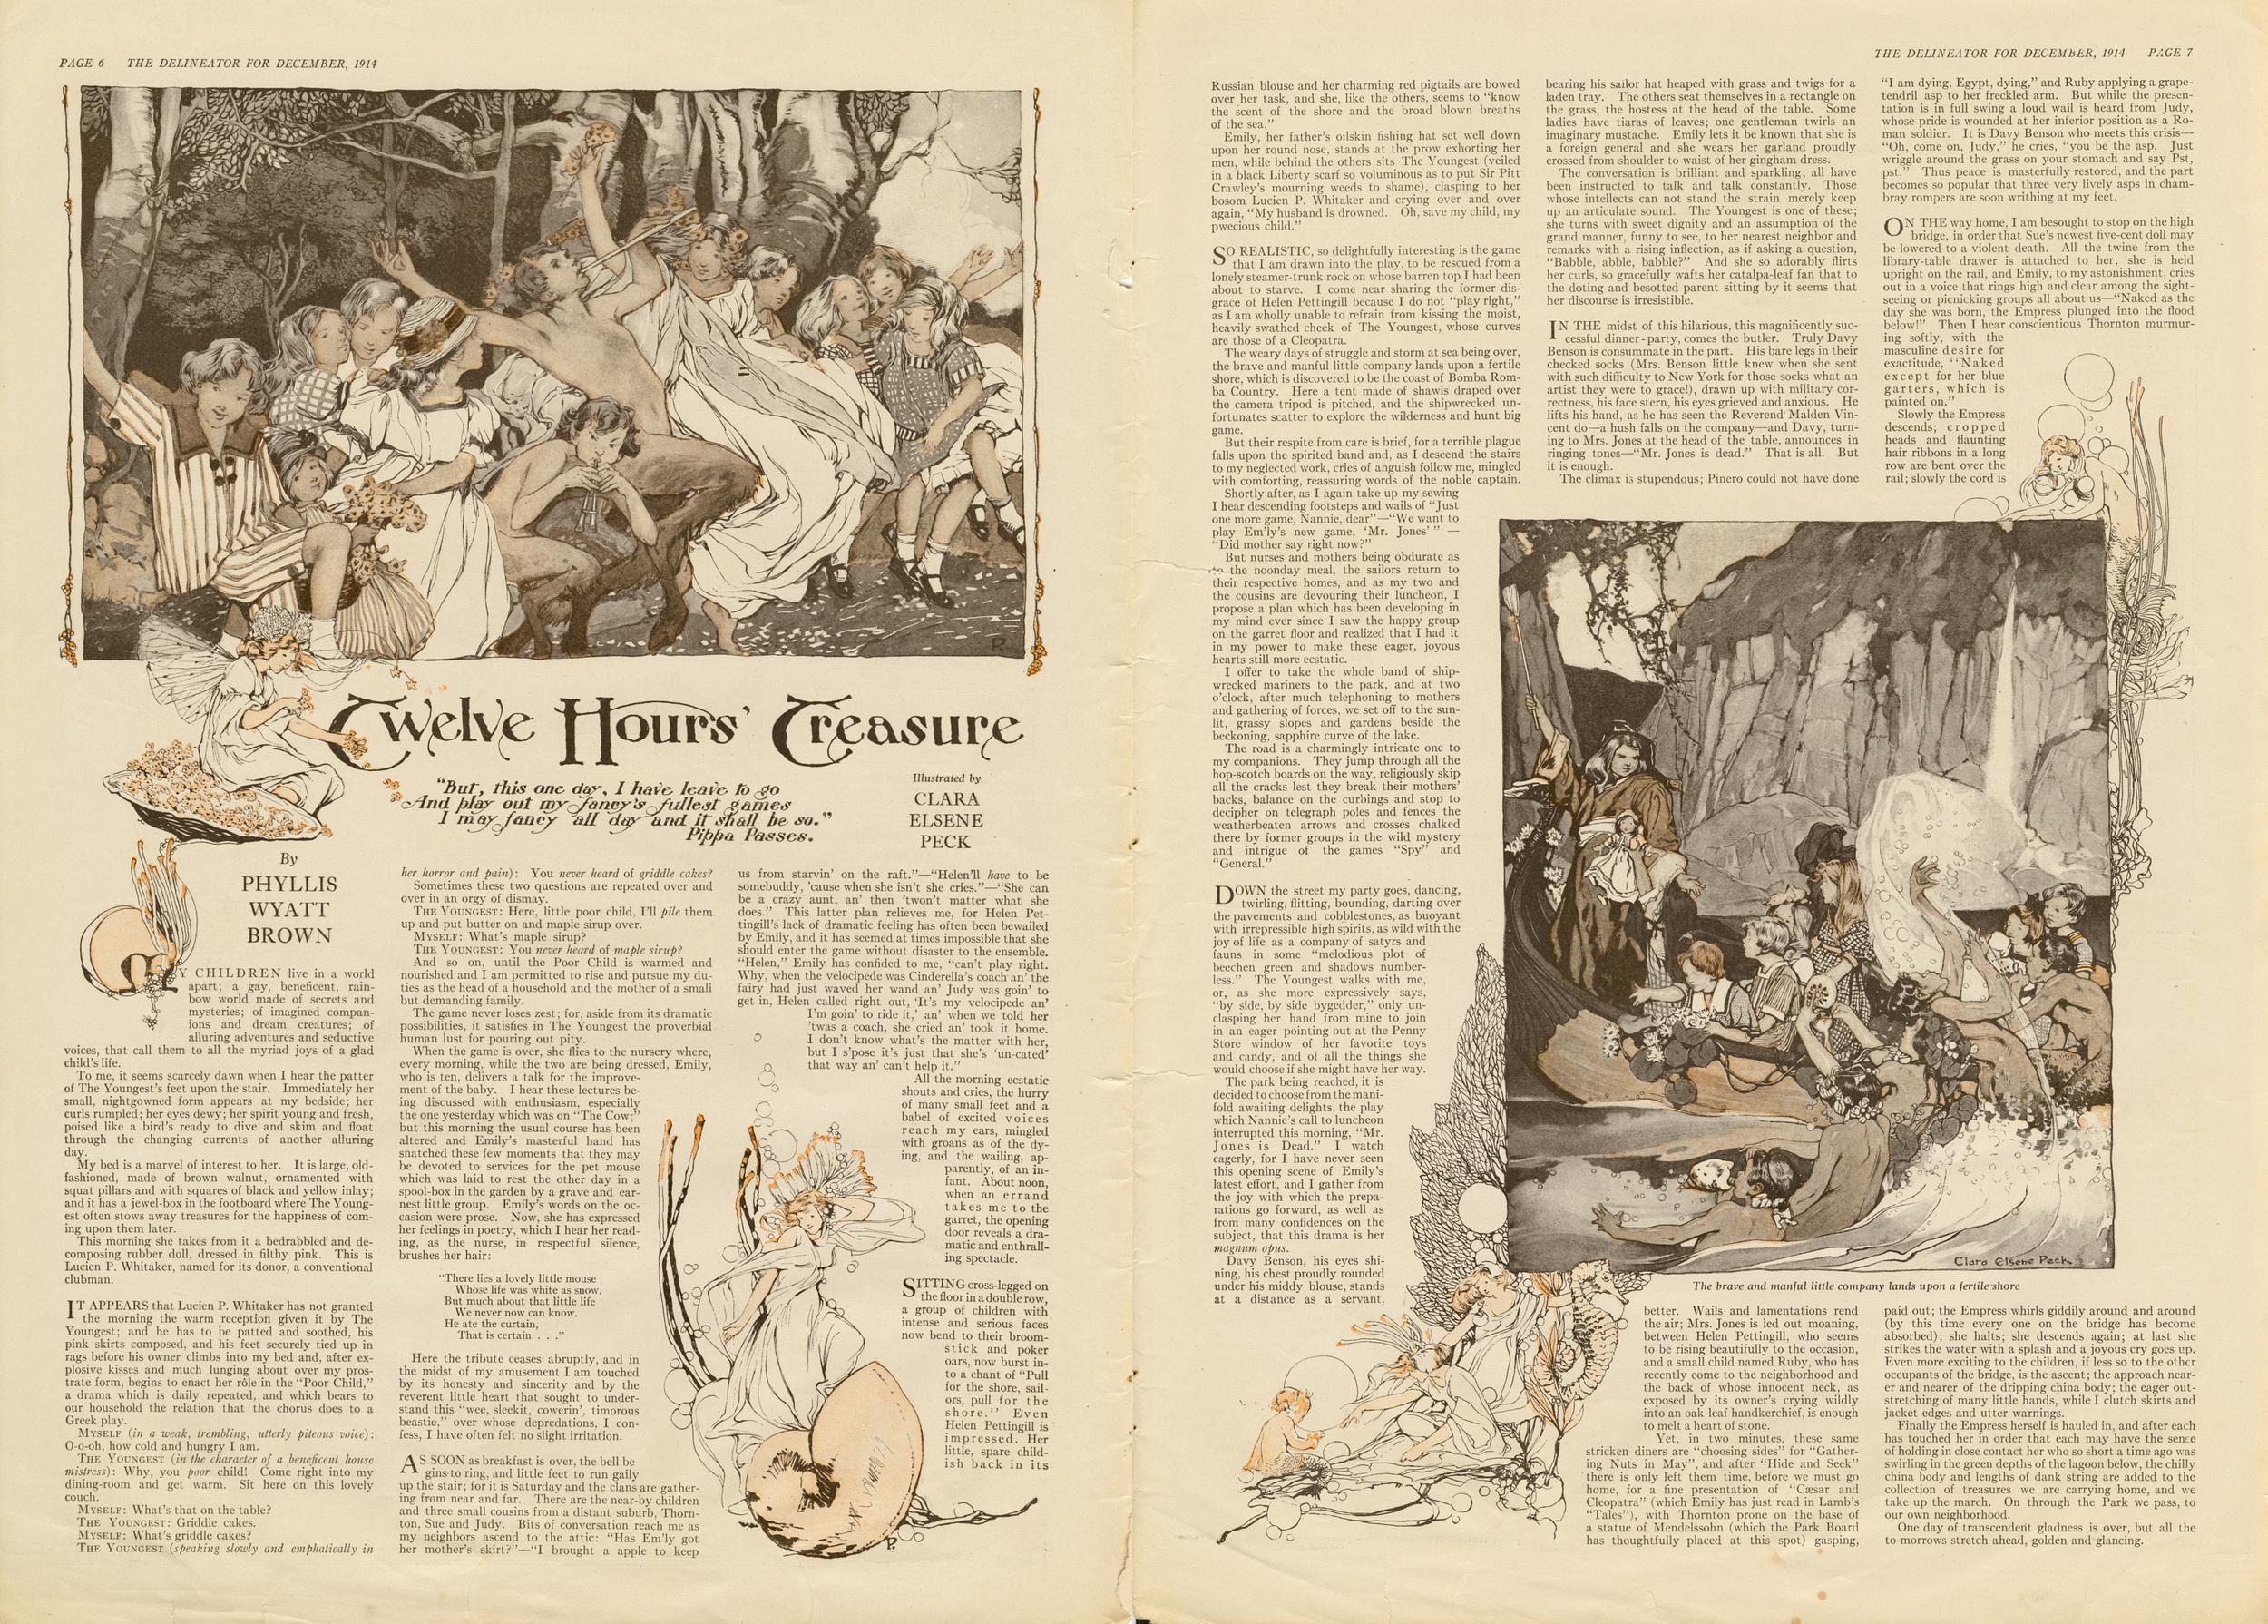 """Clara Elsene Peck, """"Twelve Hours' Treasure"""". Written by Phyllis Wyatt Brown. The Delineator. December 1914."""